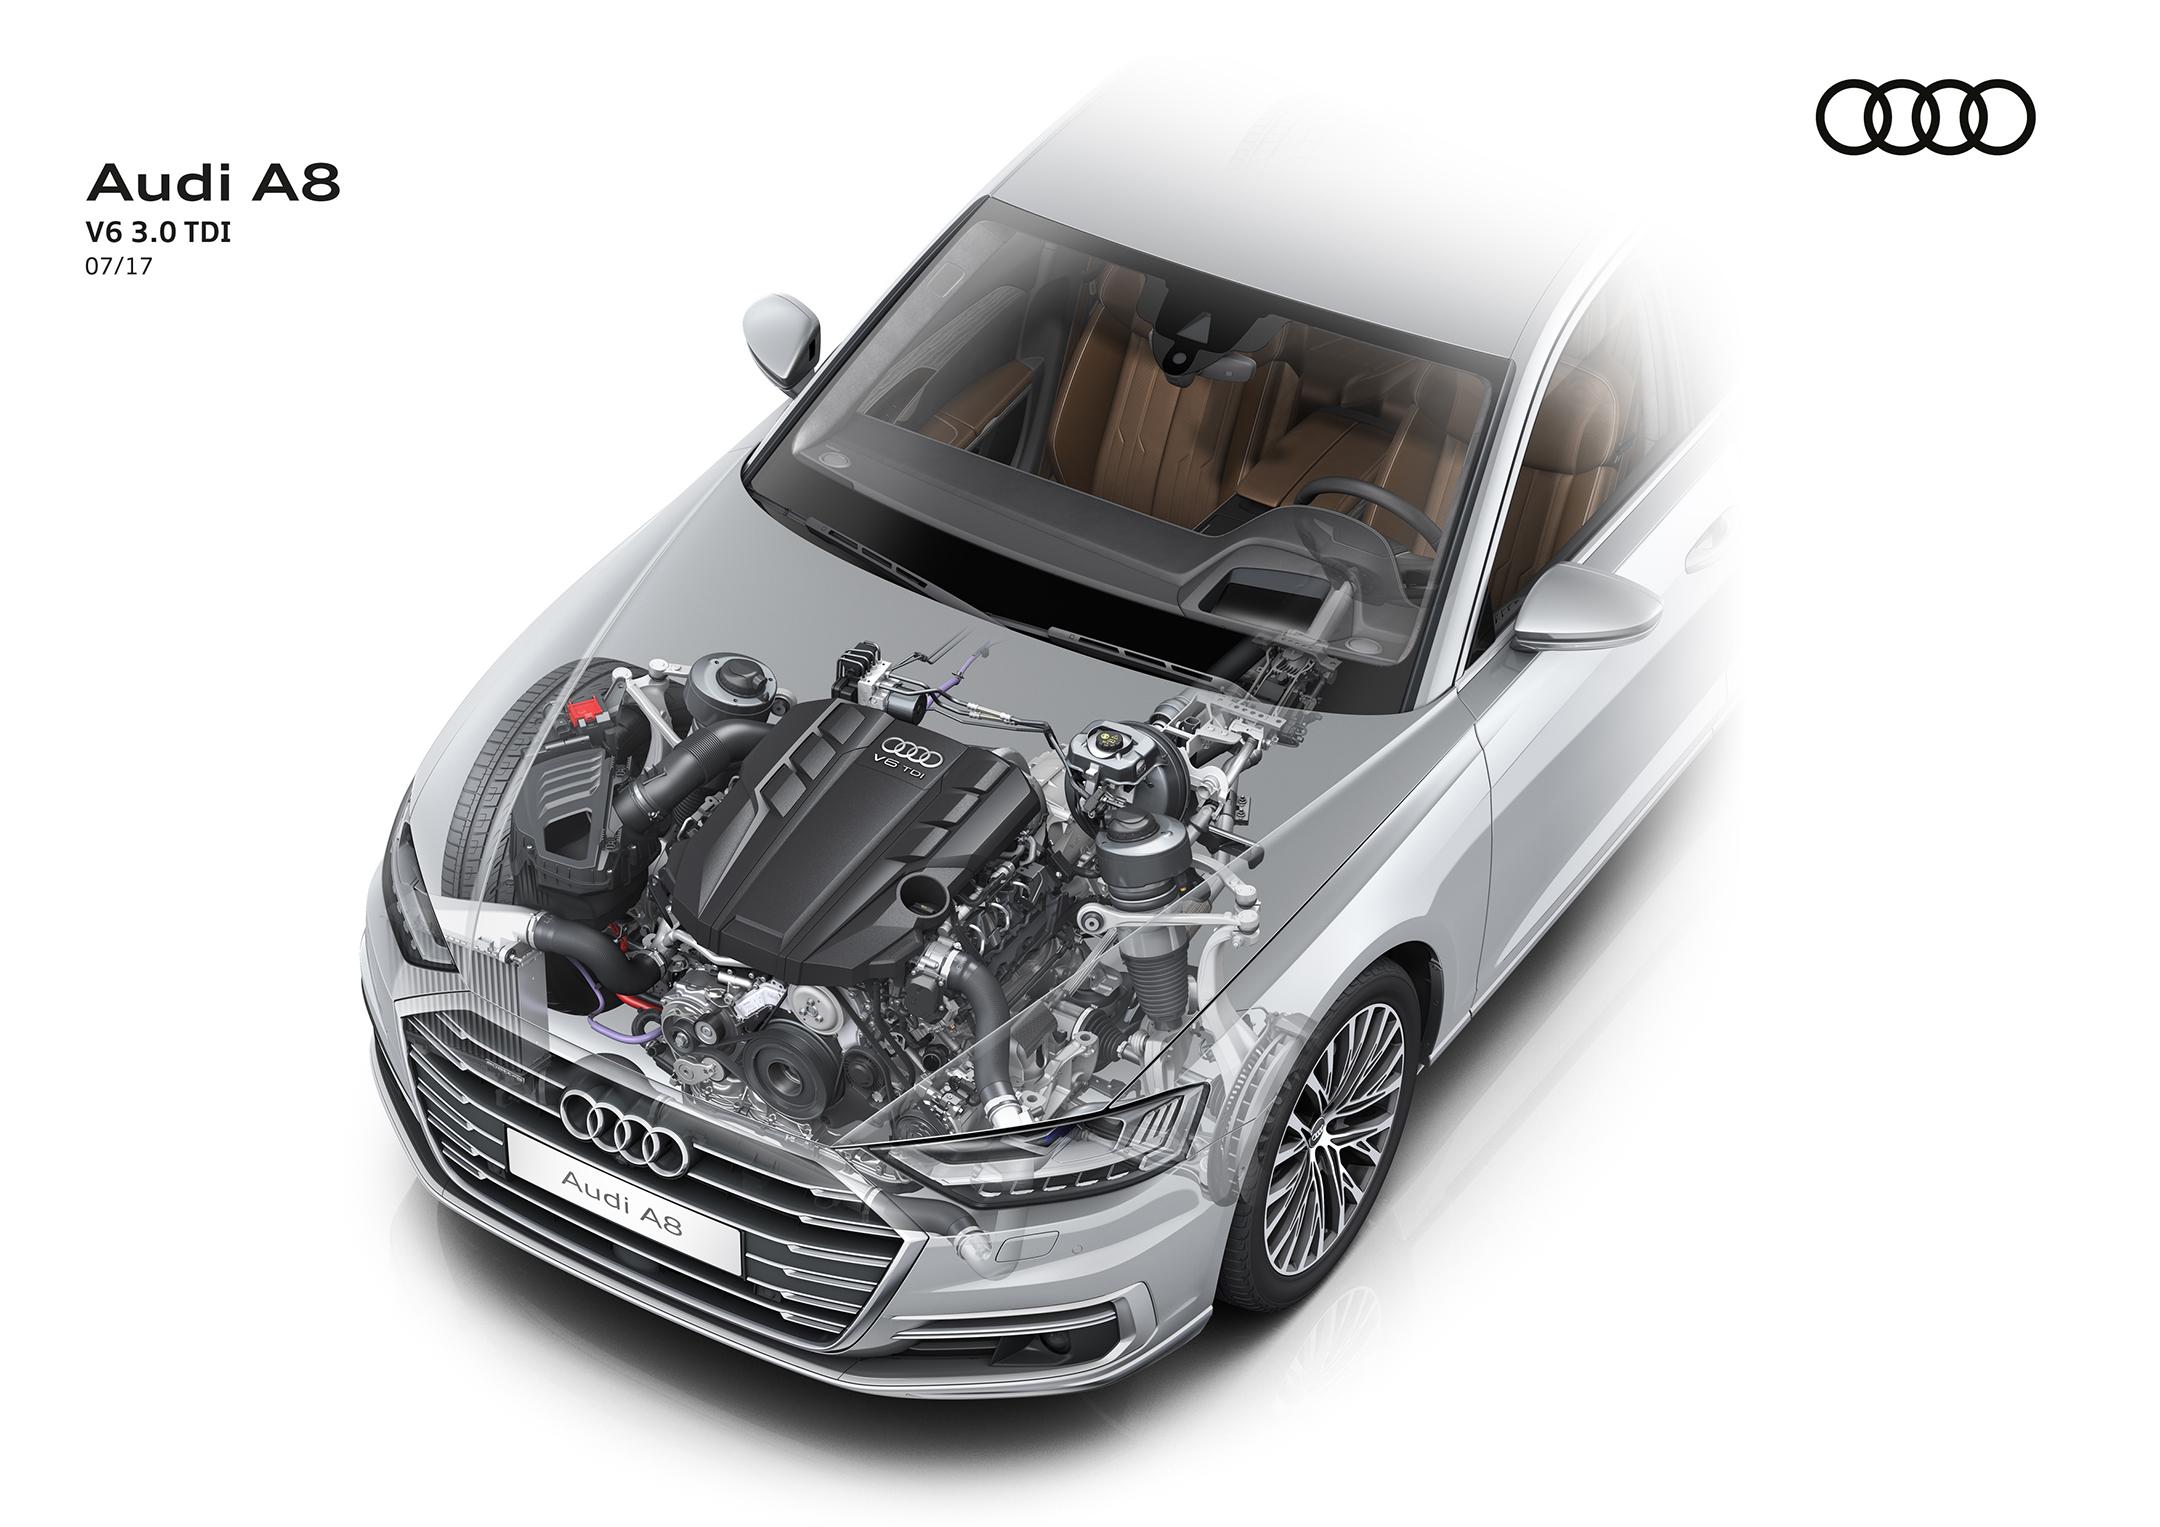 Audi A8 - 2017 - engine / moteur - V6 3.0 TDI